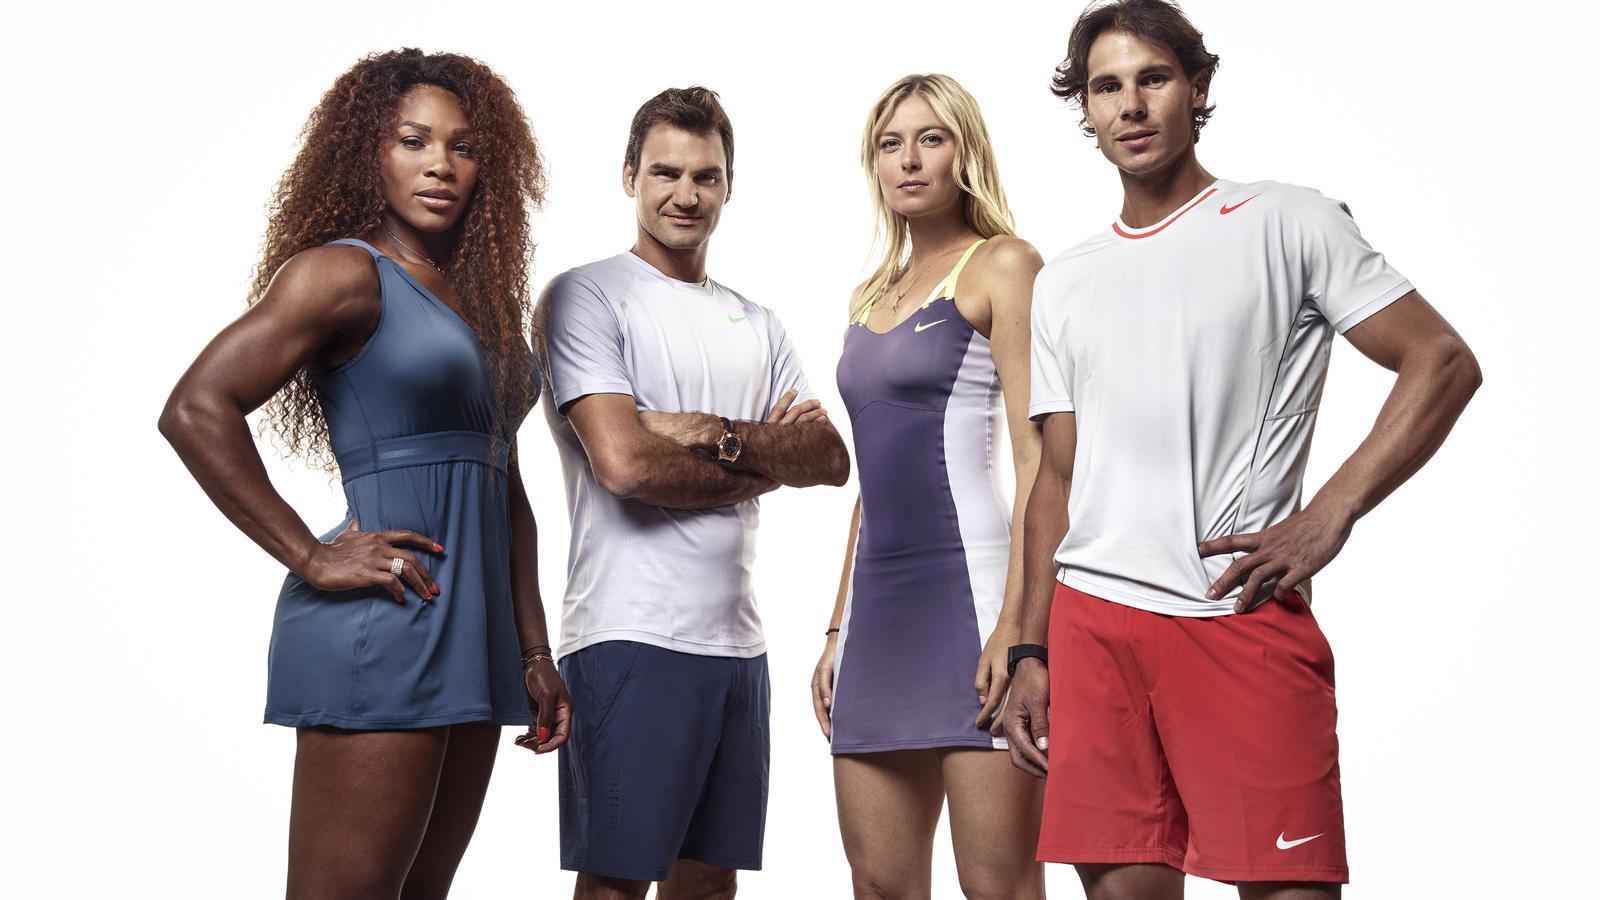 nike tennis wallpaper maria - photo #18